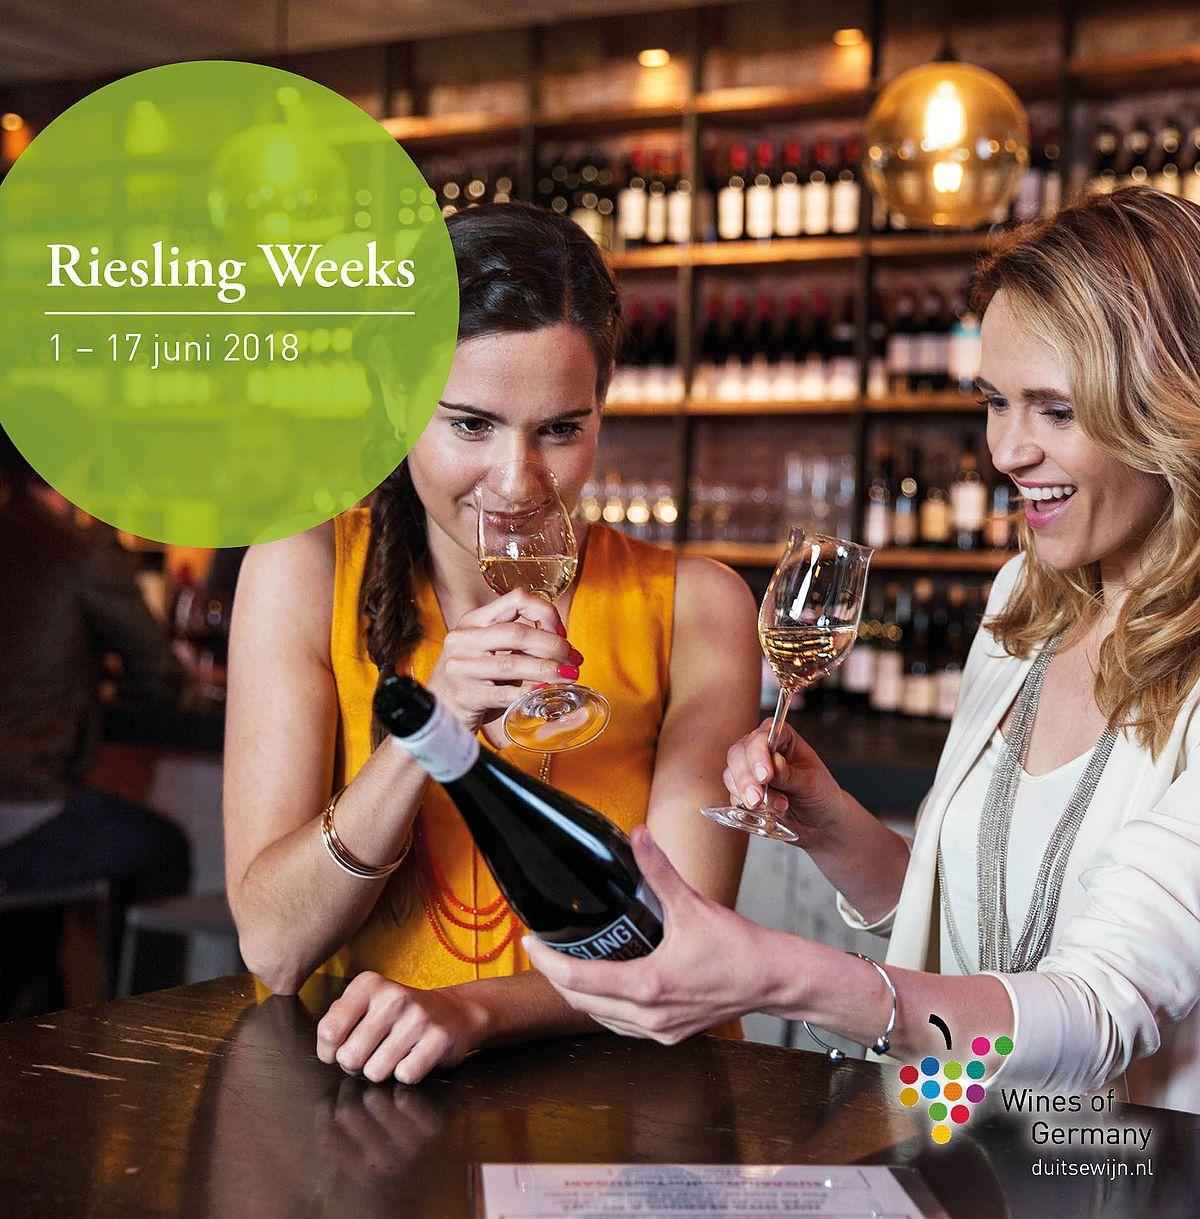 Riesling Weeks 2018